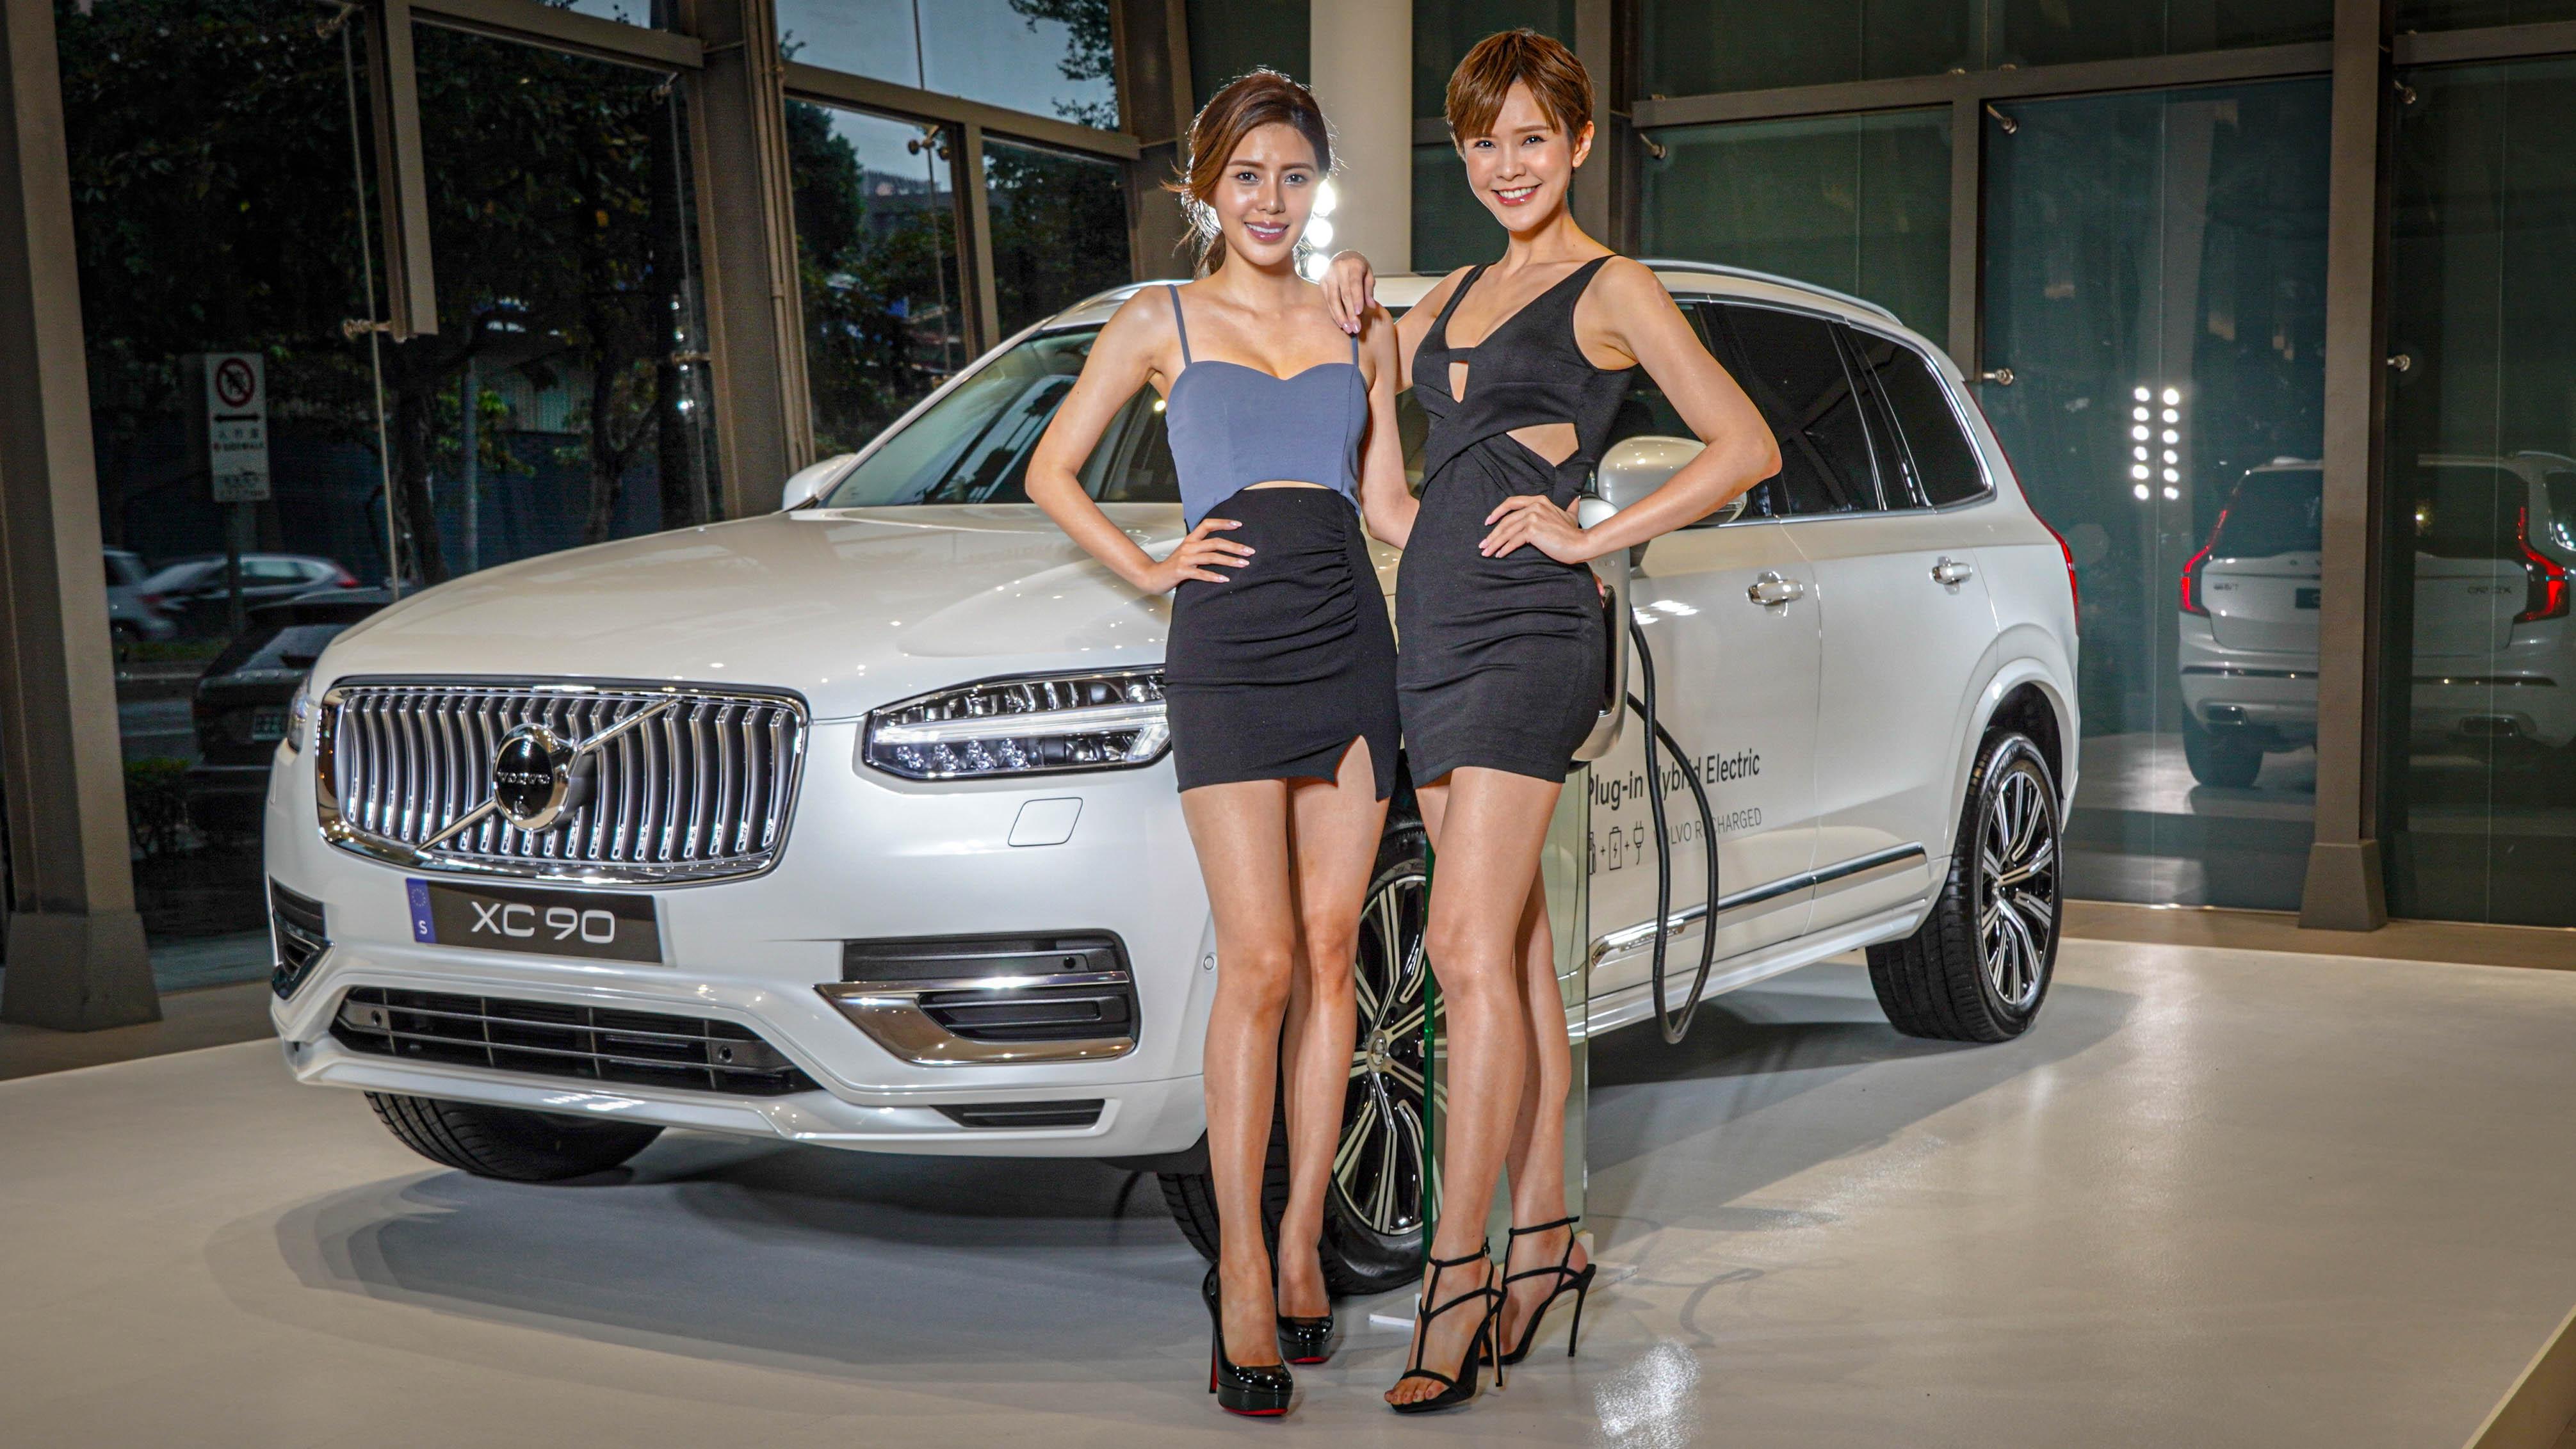 【2020 台北車展】XC90 小改款登場!Volvo 車展陣容曝光